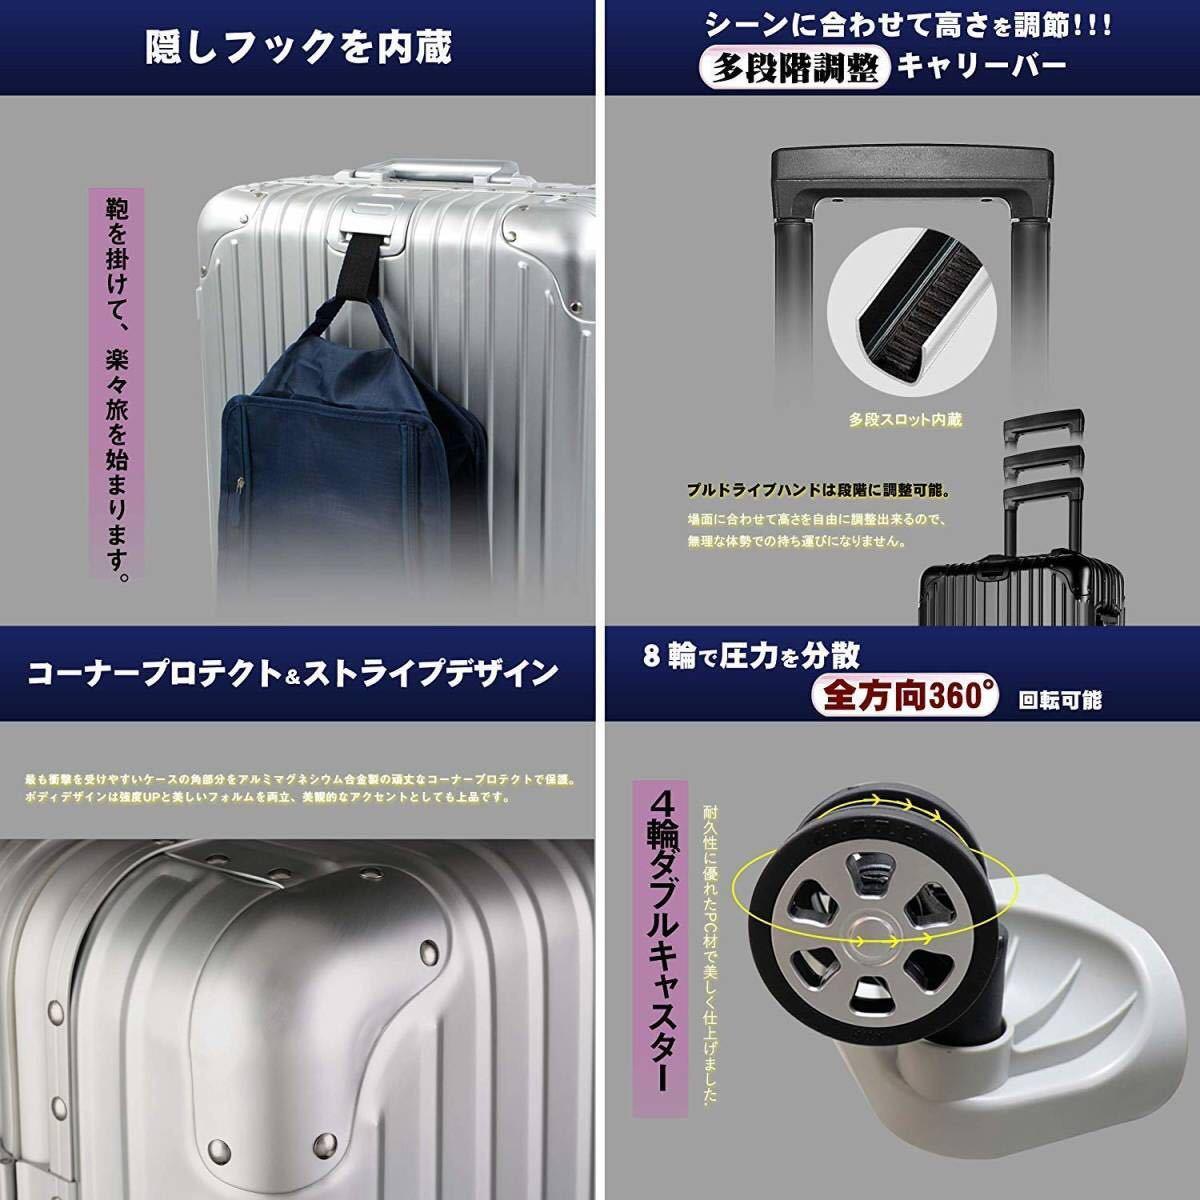 スーツケース アルミマグネシウム合金 キャリーバッグ 360度回転 静音キャスター TSAロック フレームタイプ 保護カバー付 軽量 新品未使用_画像2